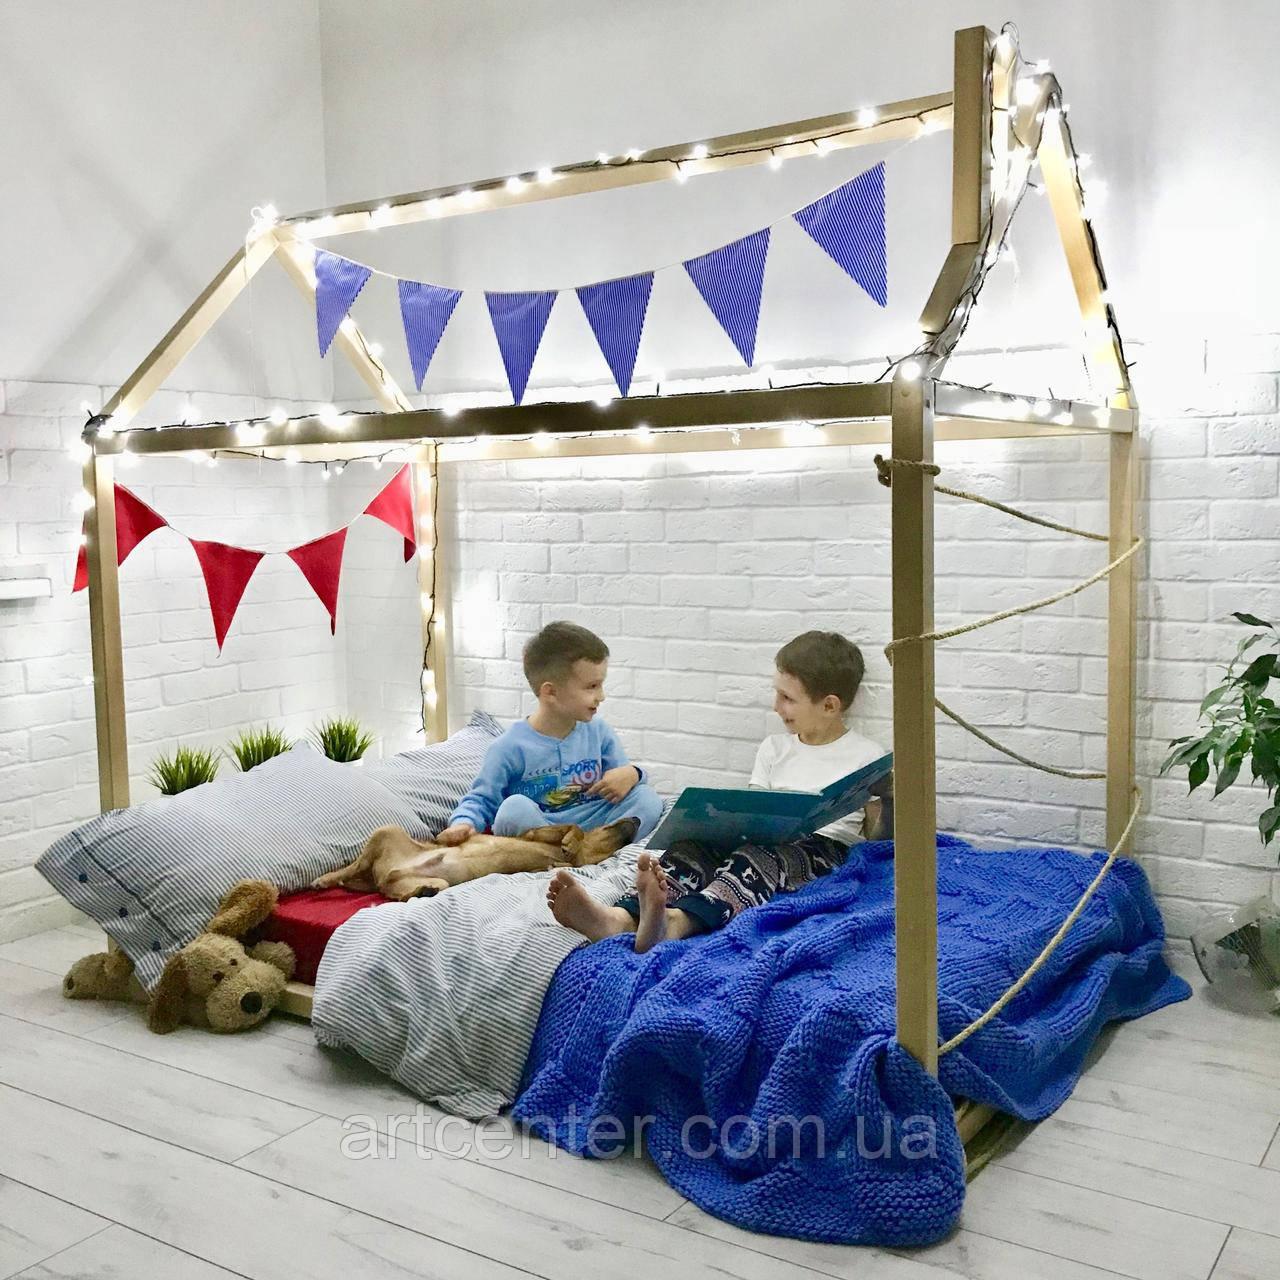 Кроватка-домик напольная, натуральное дерево